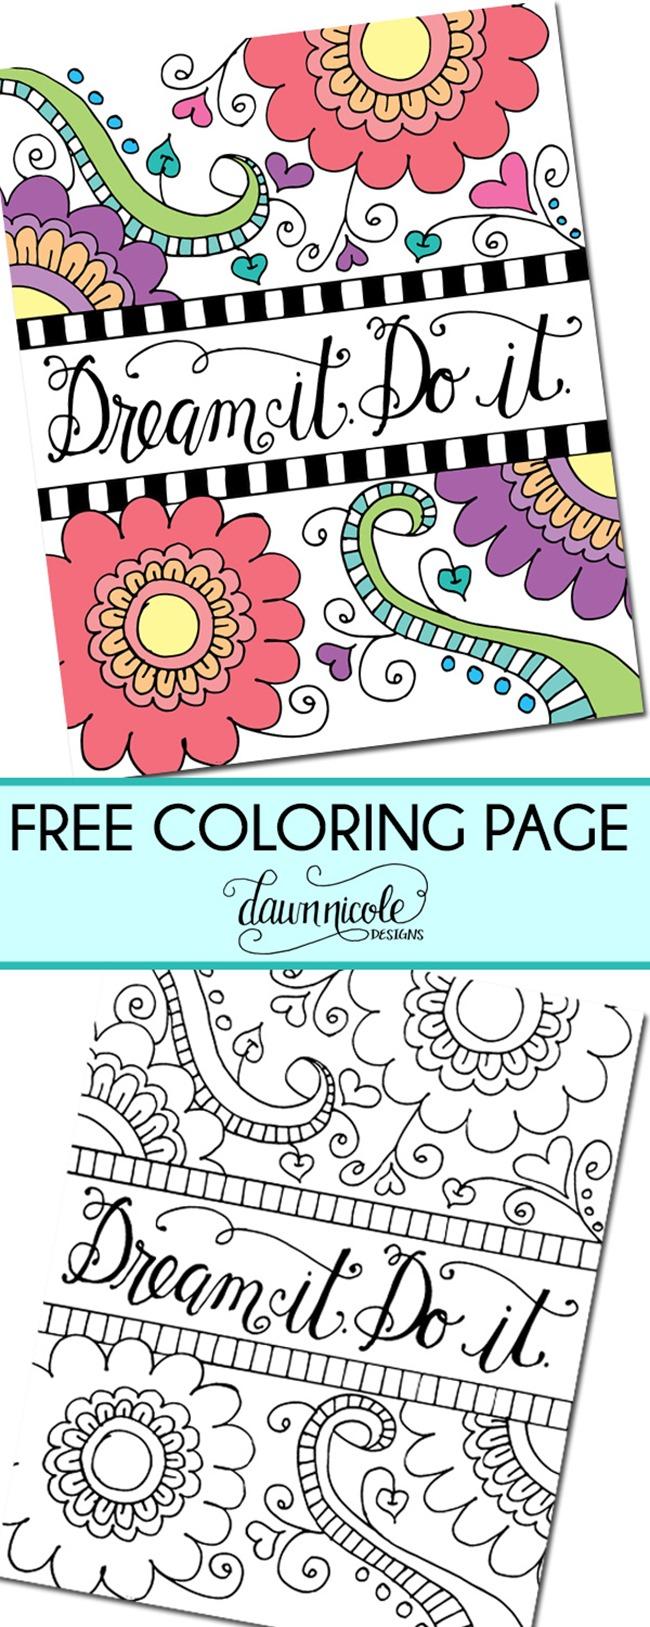 FreeColoringPage-DreamItDoIt-DawnNicoleDeisgns